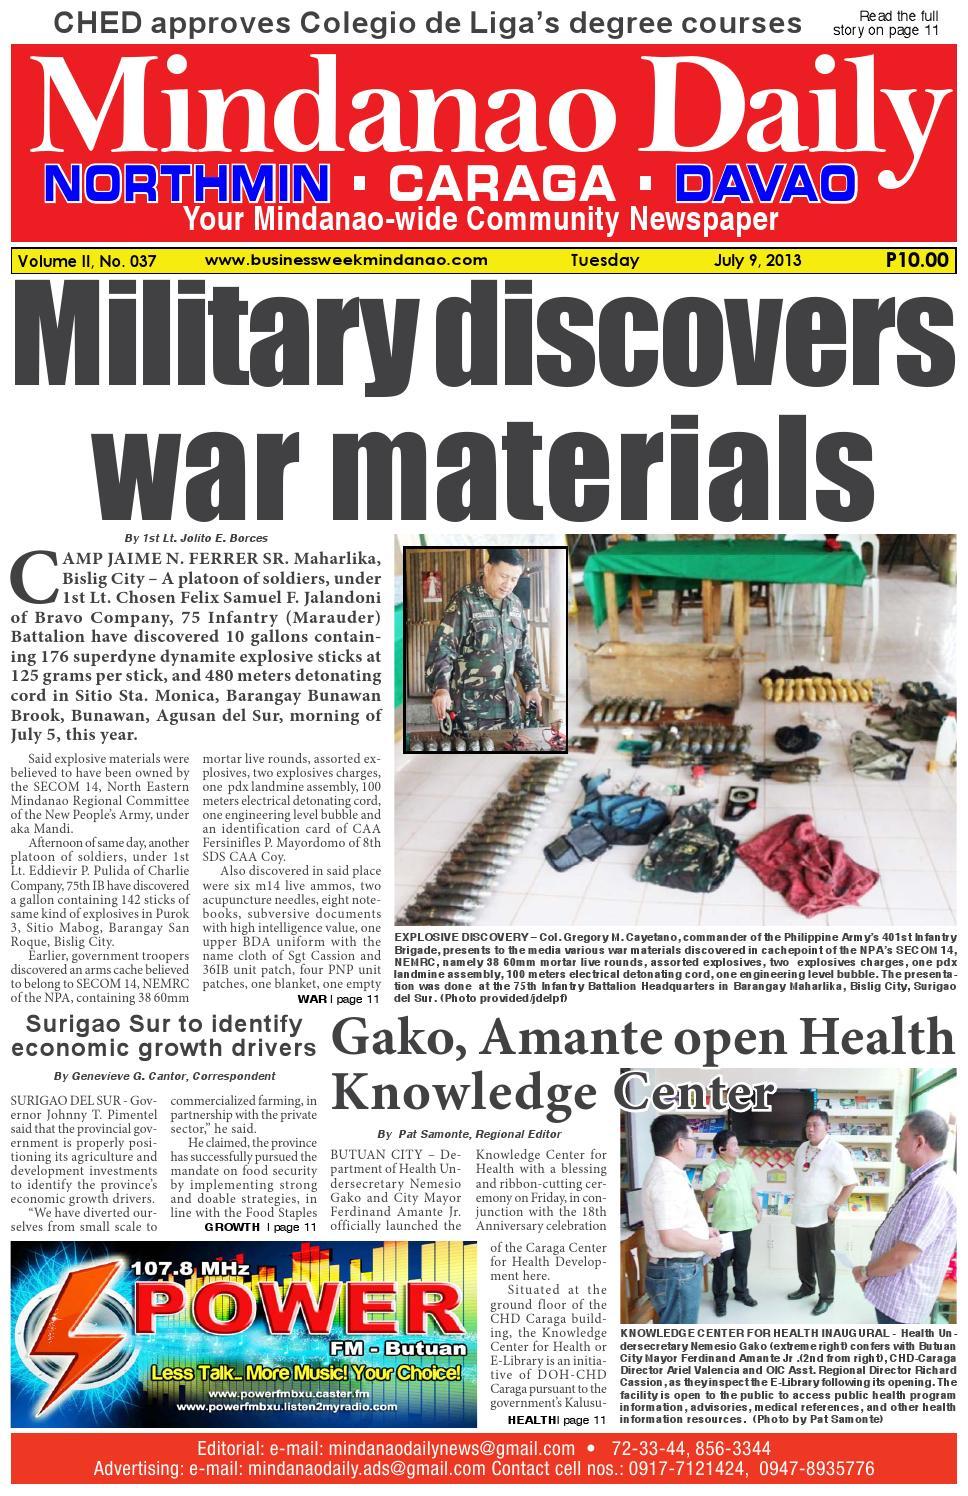 Mindanao Daily Caraga (July 9, 2013) by Mindanao Daily News